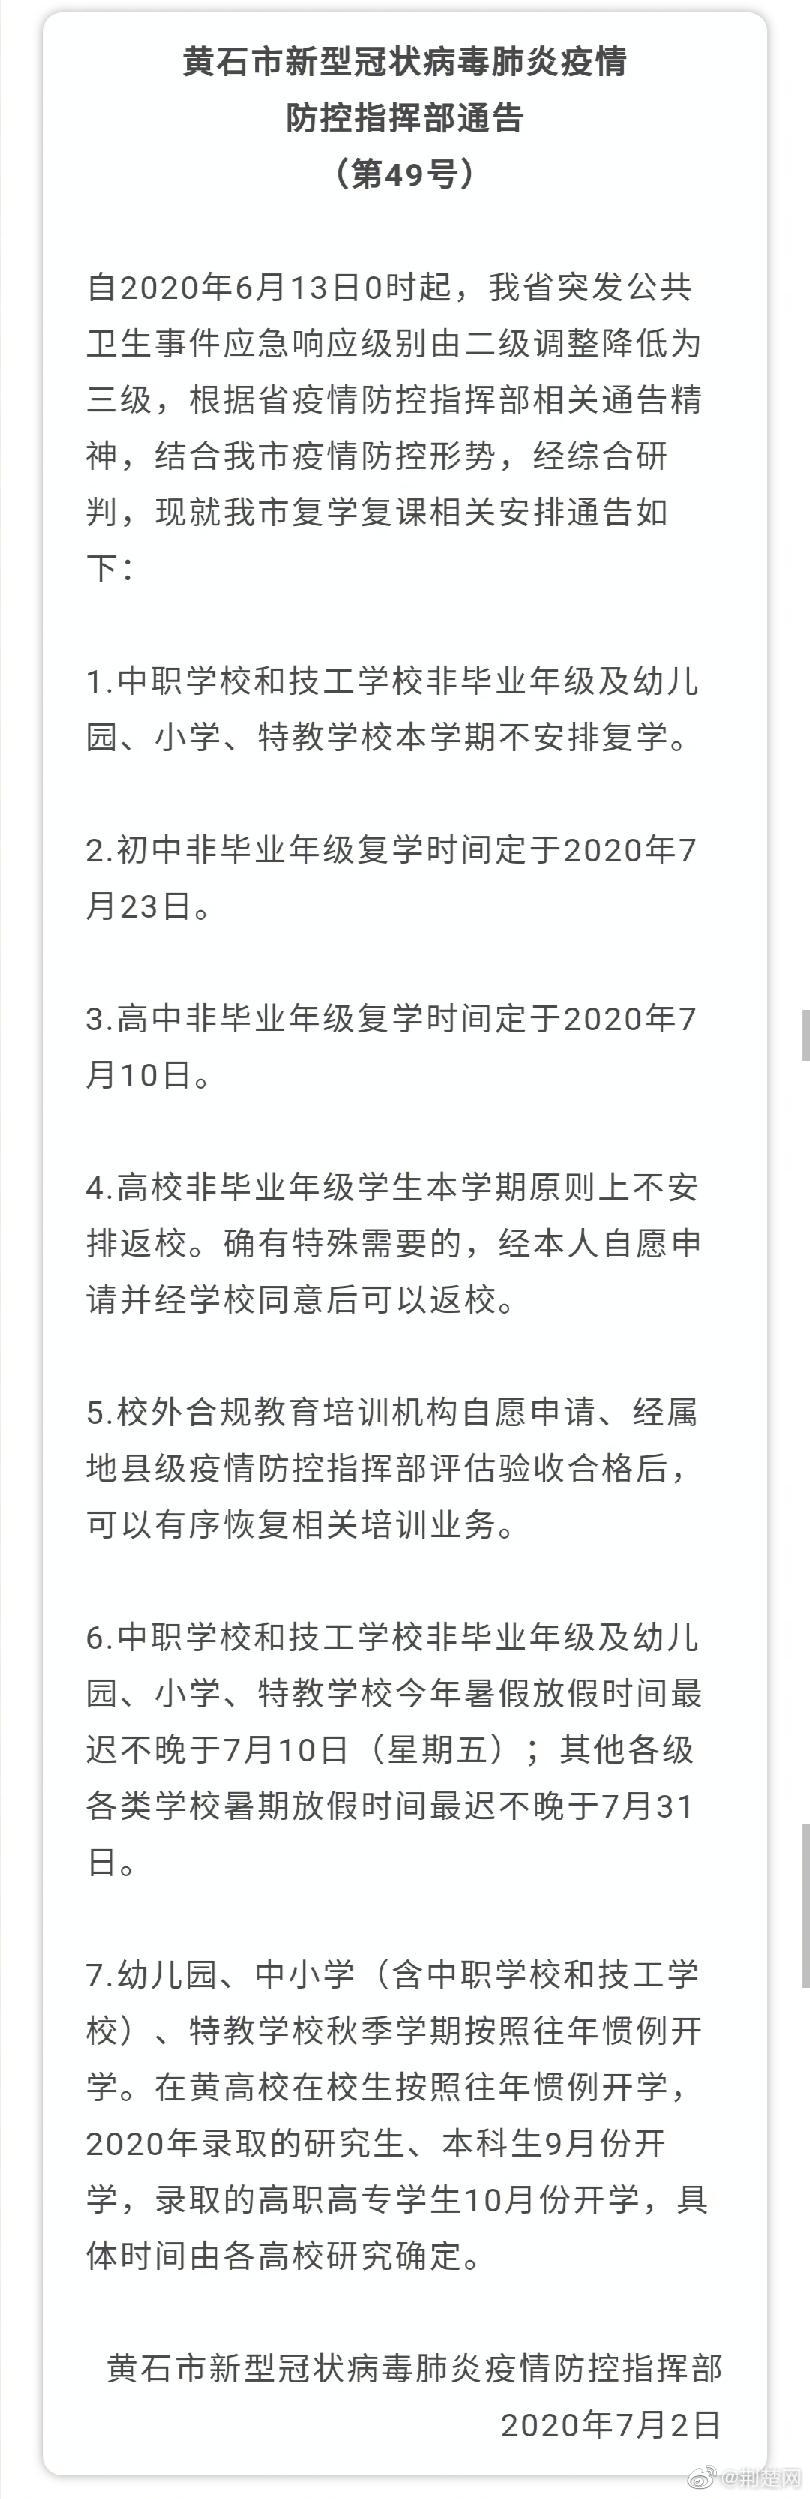 湖北三地发布高校及中小学复学复课通告